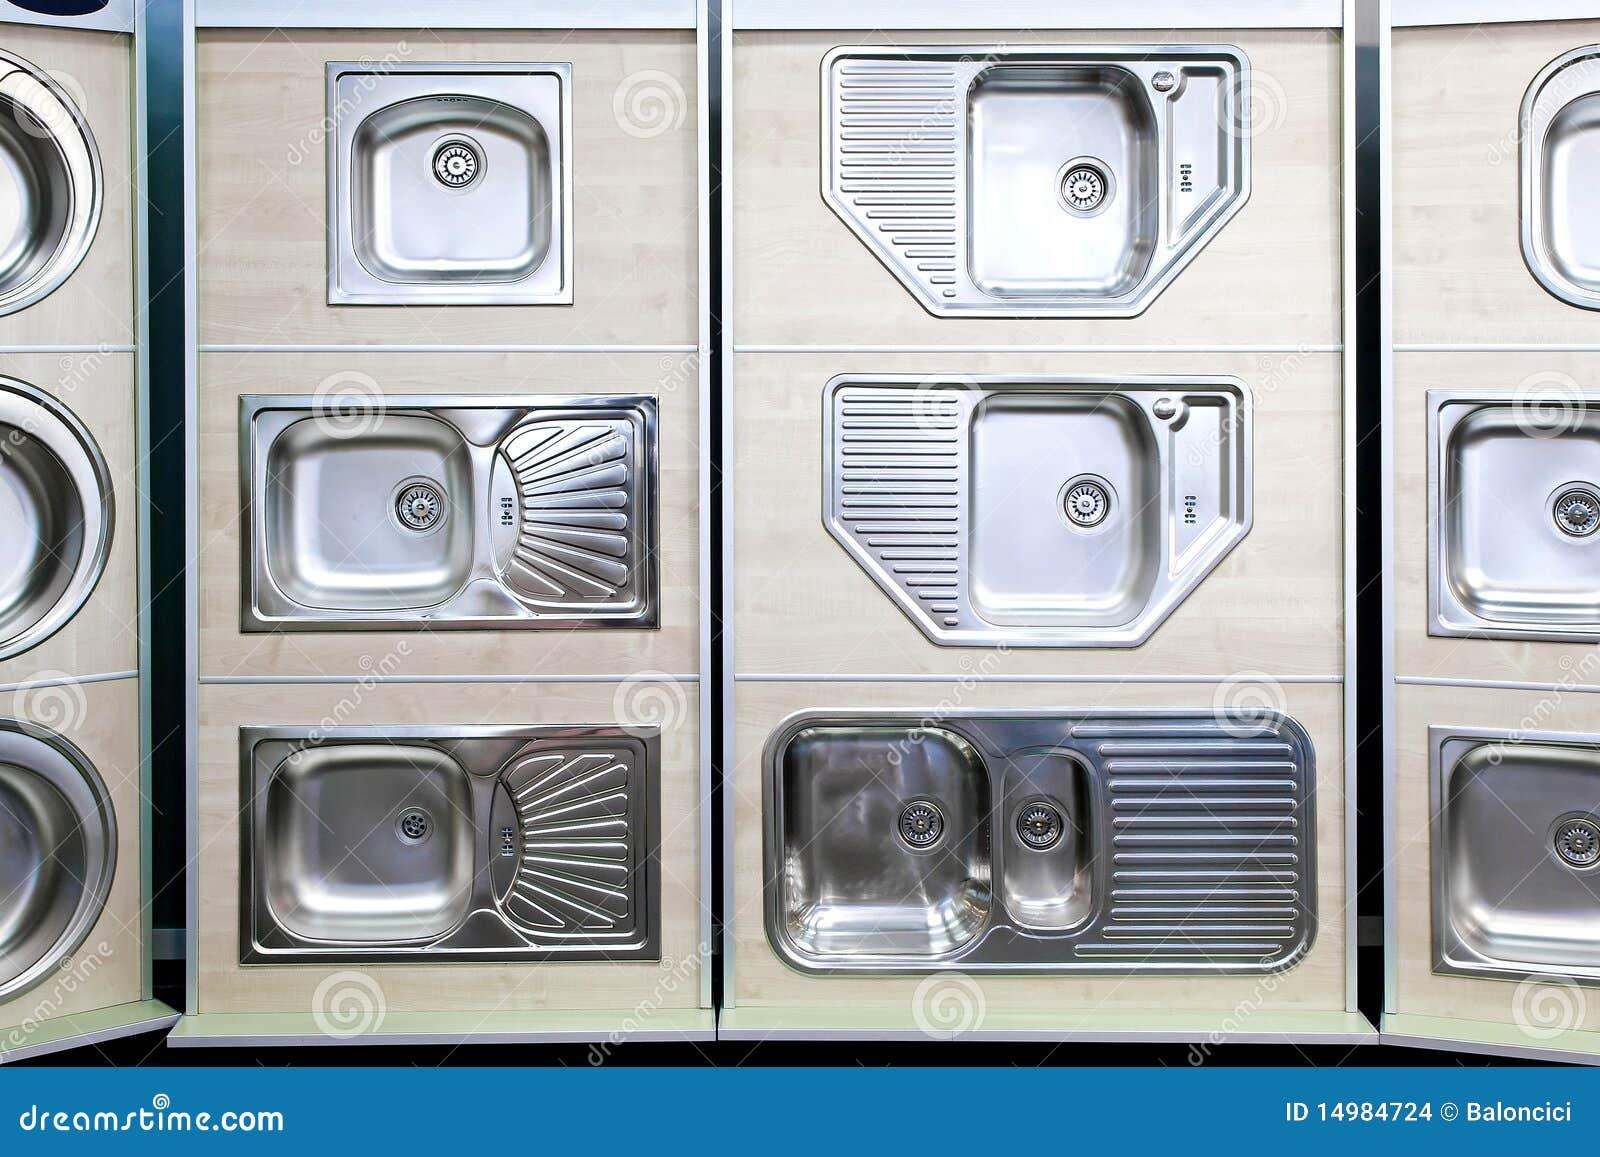 Fregaderos de cocina foto de archivo imagen de metal for Fregaderos de porcelana para cocina